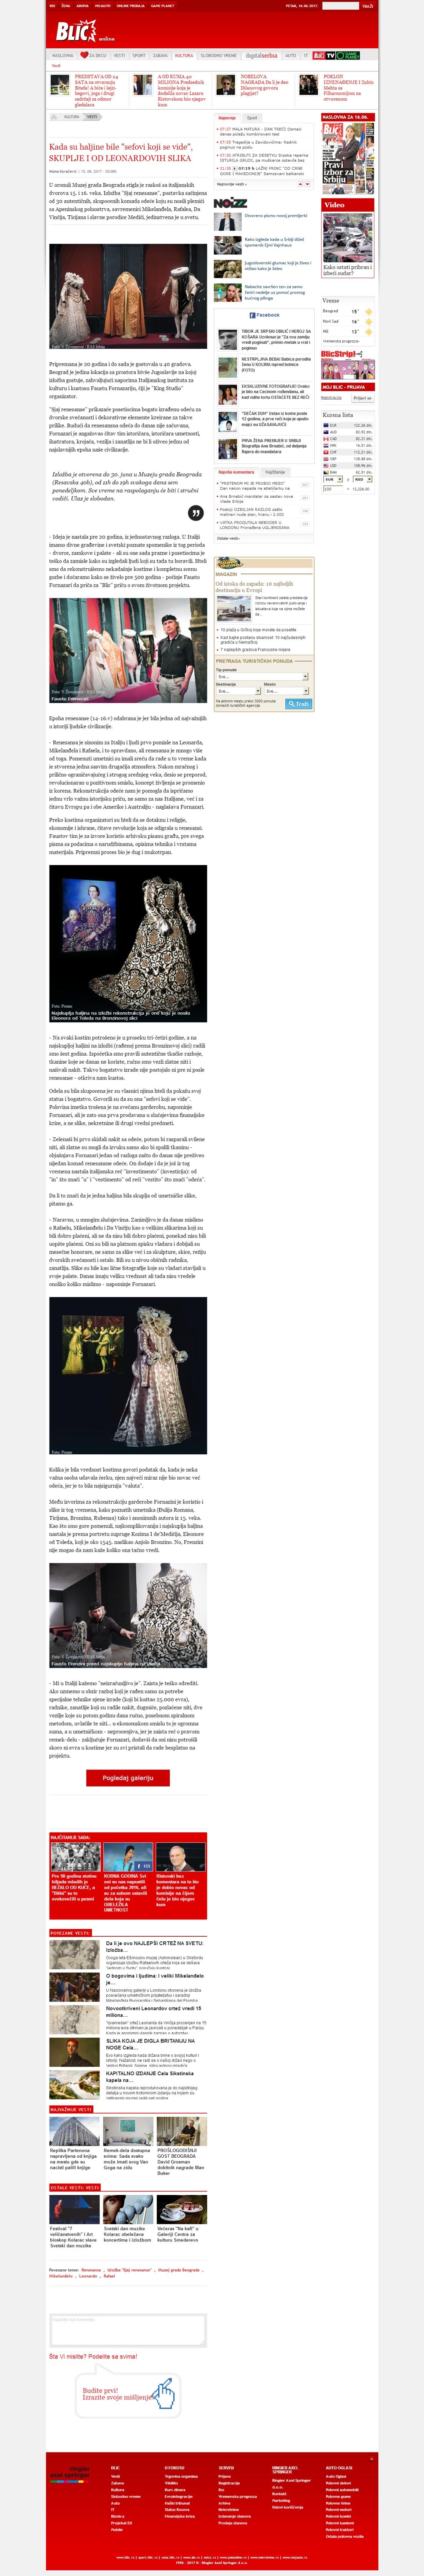 1506 - blic.rs - Kada su haljine bile sefovi koji se vide, SKUPLJE I OD LEONARDOVIH SLIKA